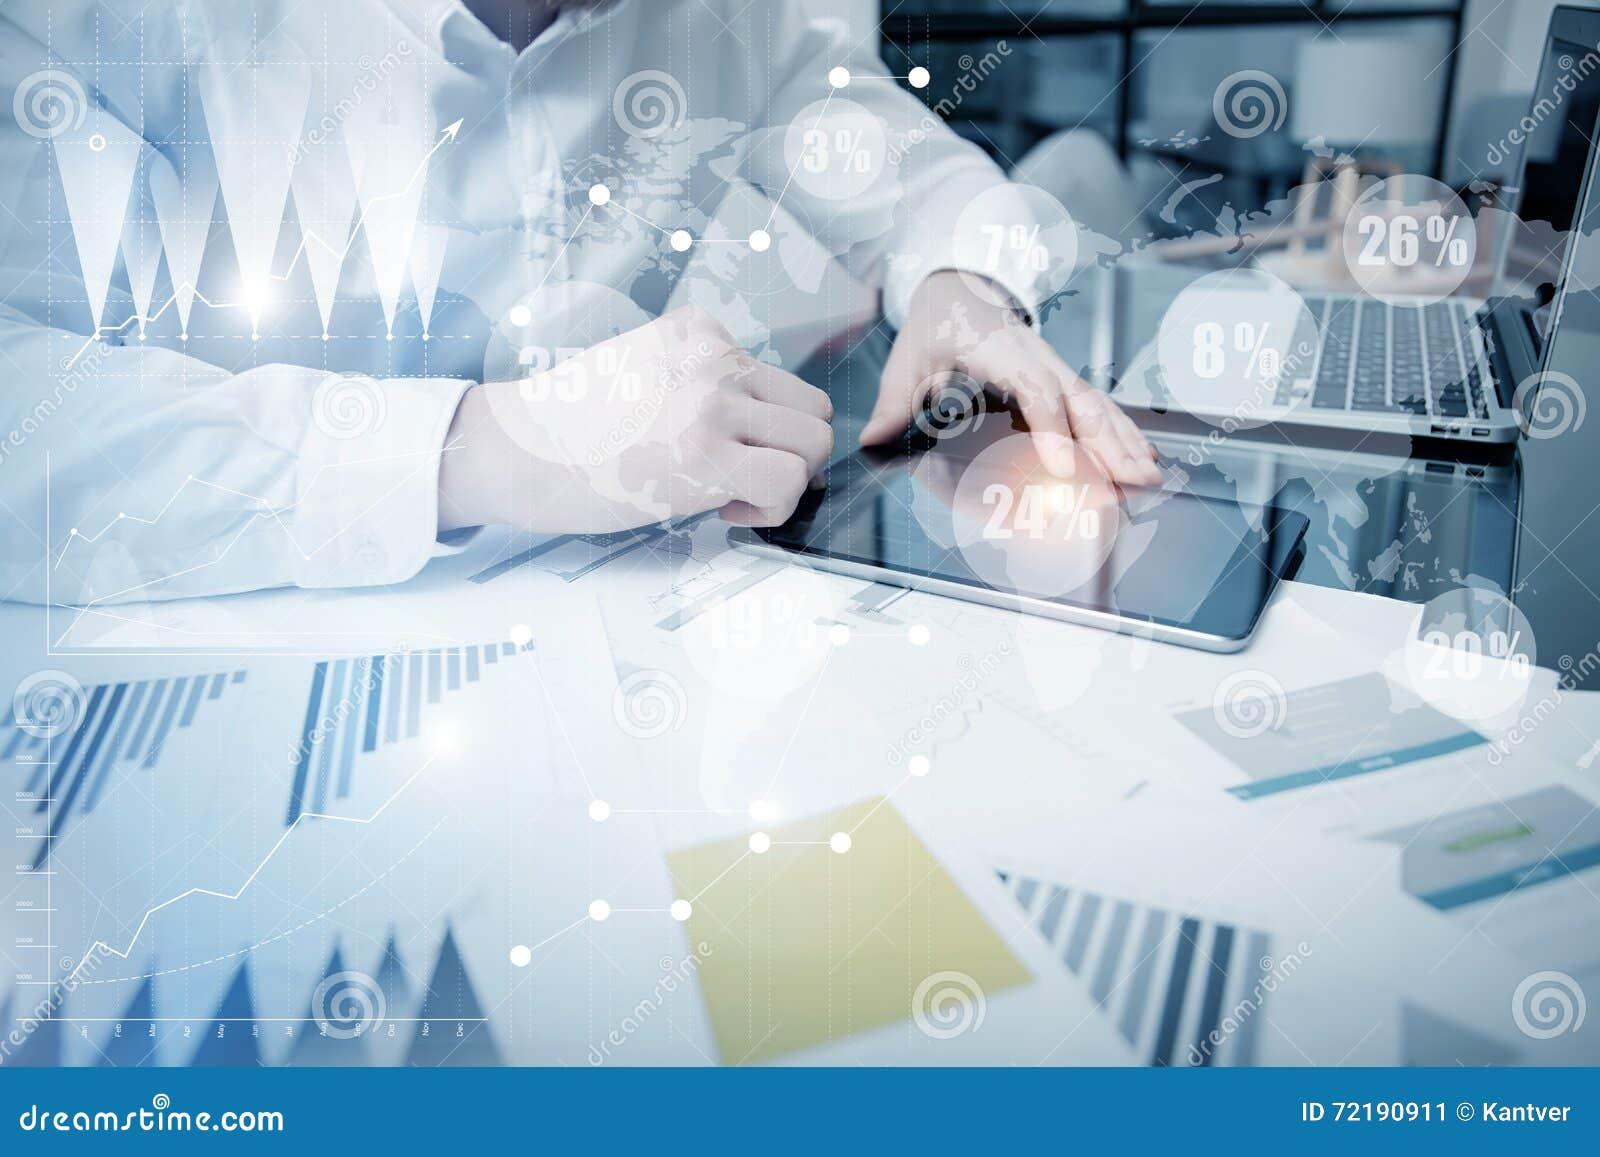 Σε απευθείας σύνδεση διαδικασία εργασίας τμήματος πωλήσεων Λειτουργώντας έγγραφα εκθέσεων αγοράς εμπόρων φωτογραφιών σχετικά με τ